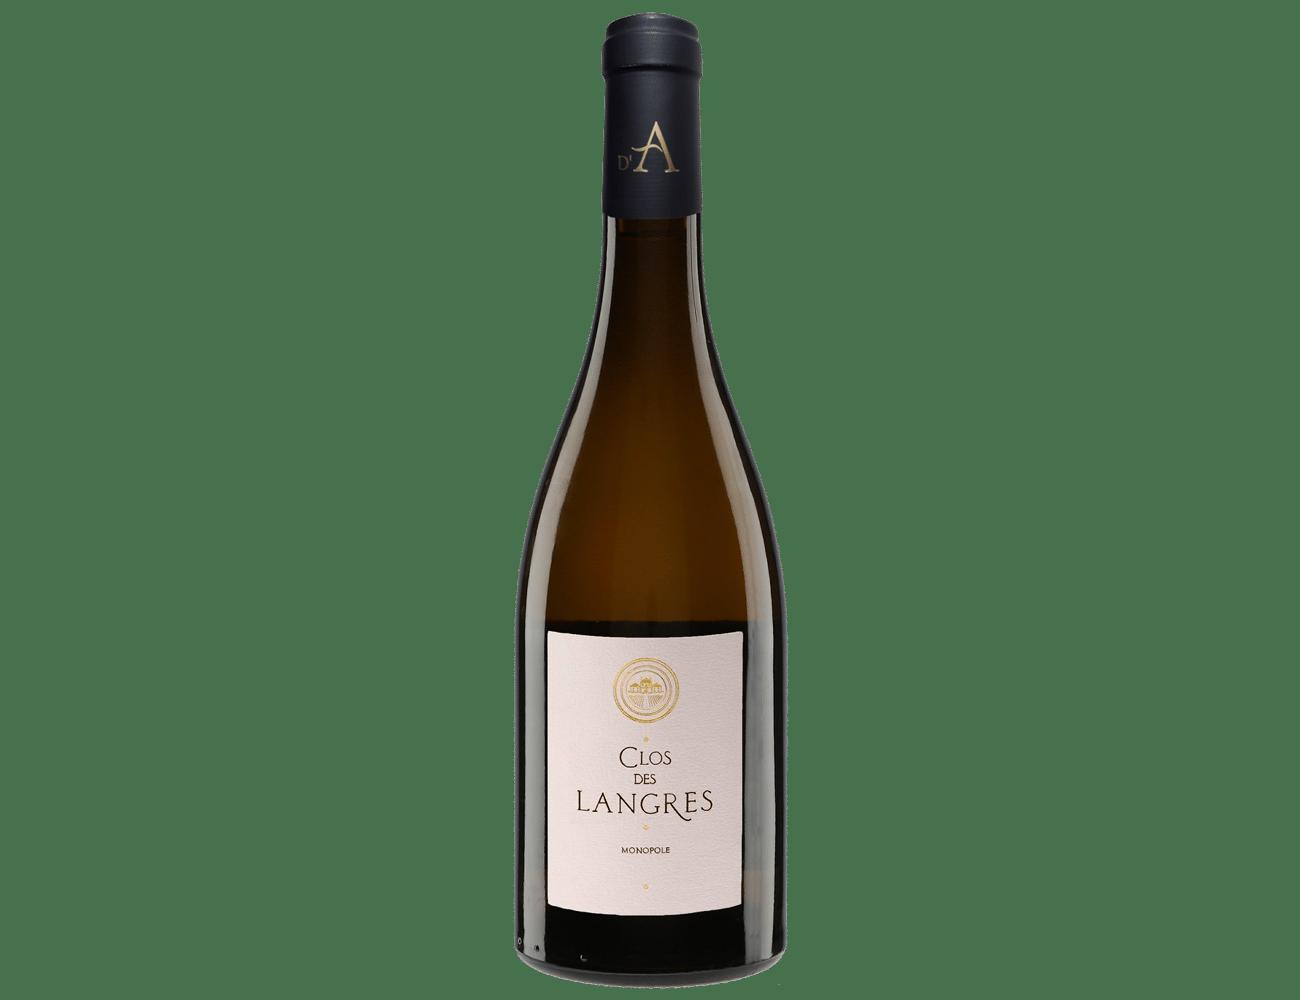 Côtes de Nuits Villages - Clos des Langres Monopole - Domaine d\'Ardhuy - Bio - 2017